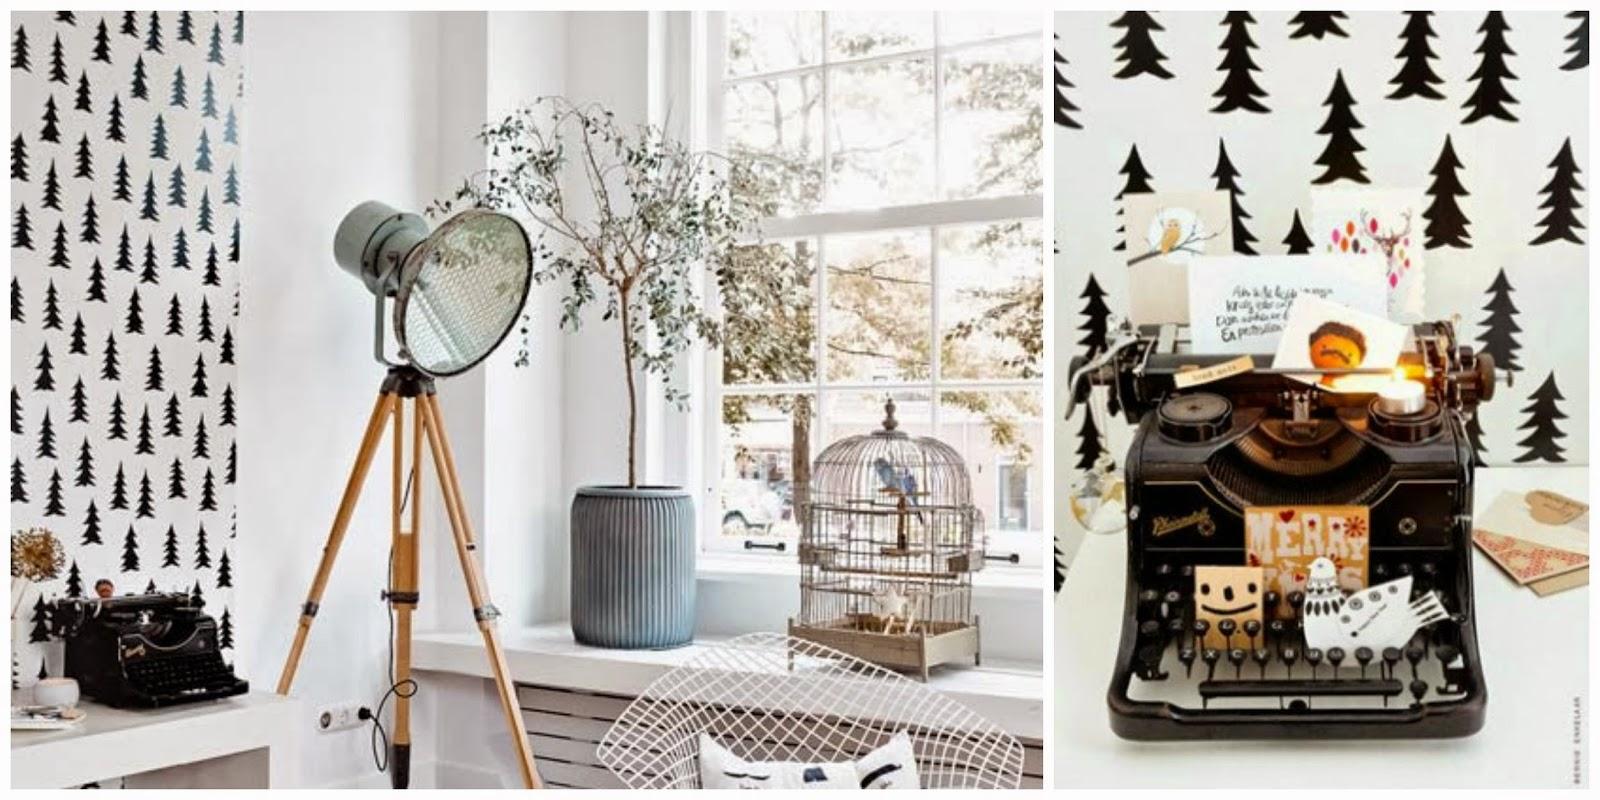 Máquina de escribir decoración nórdica navideña